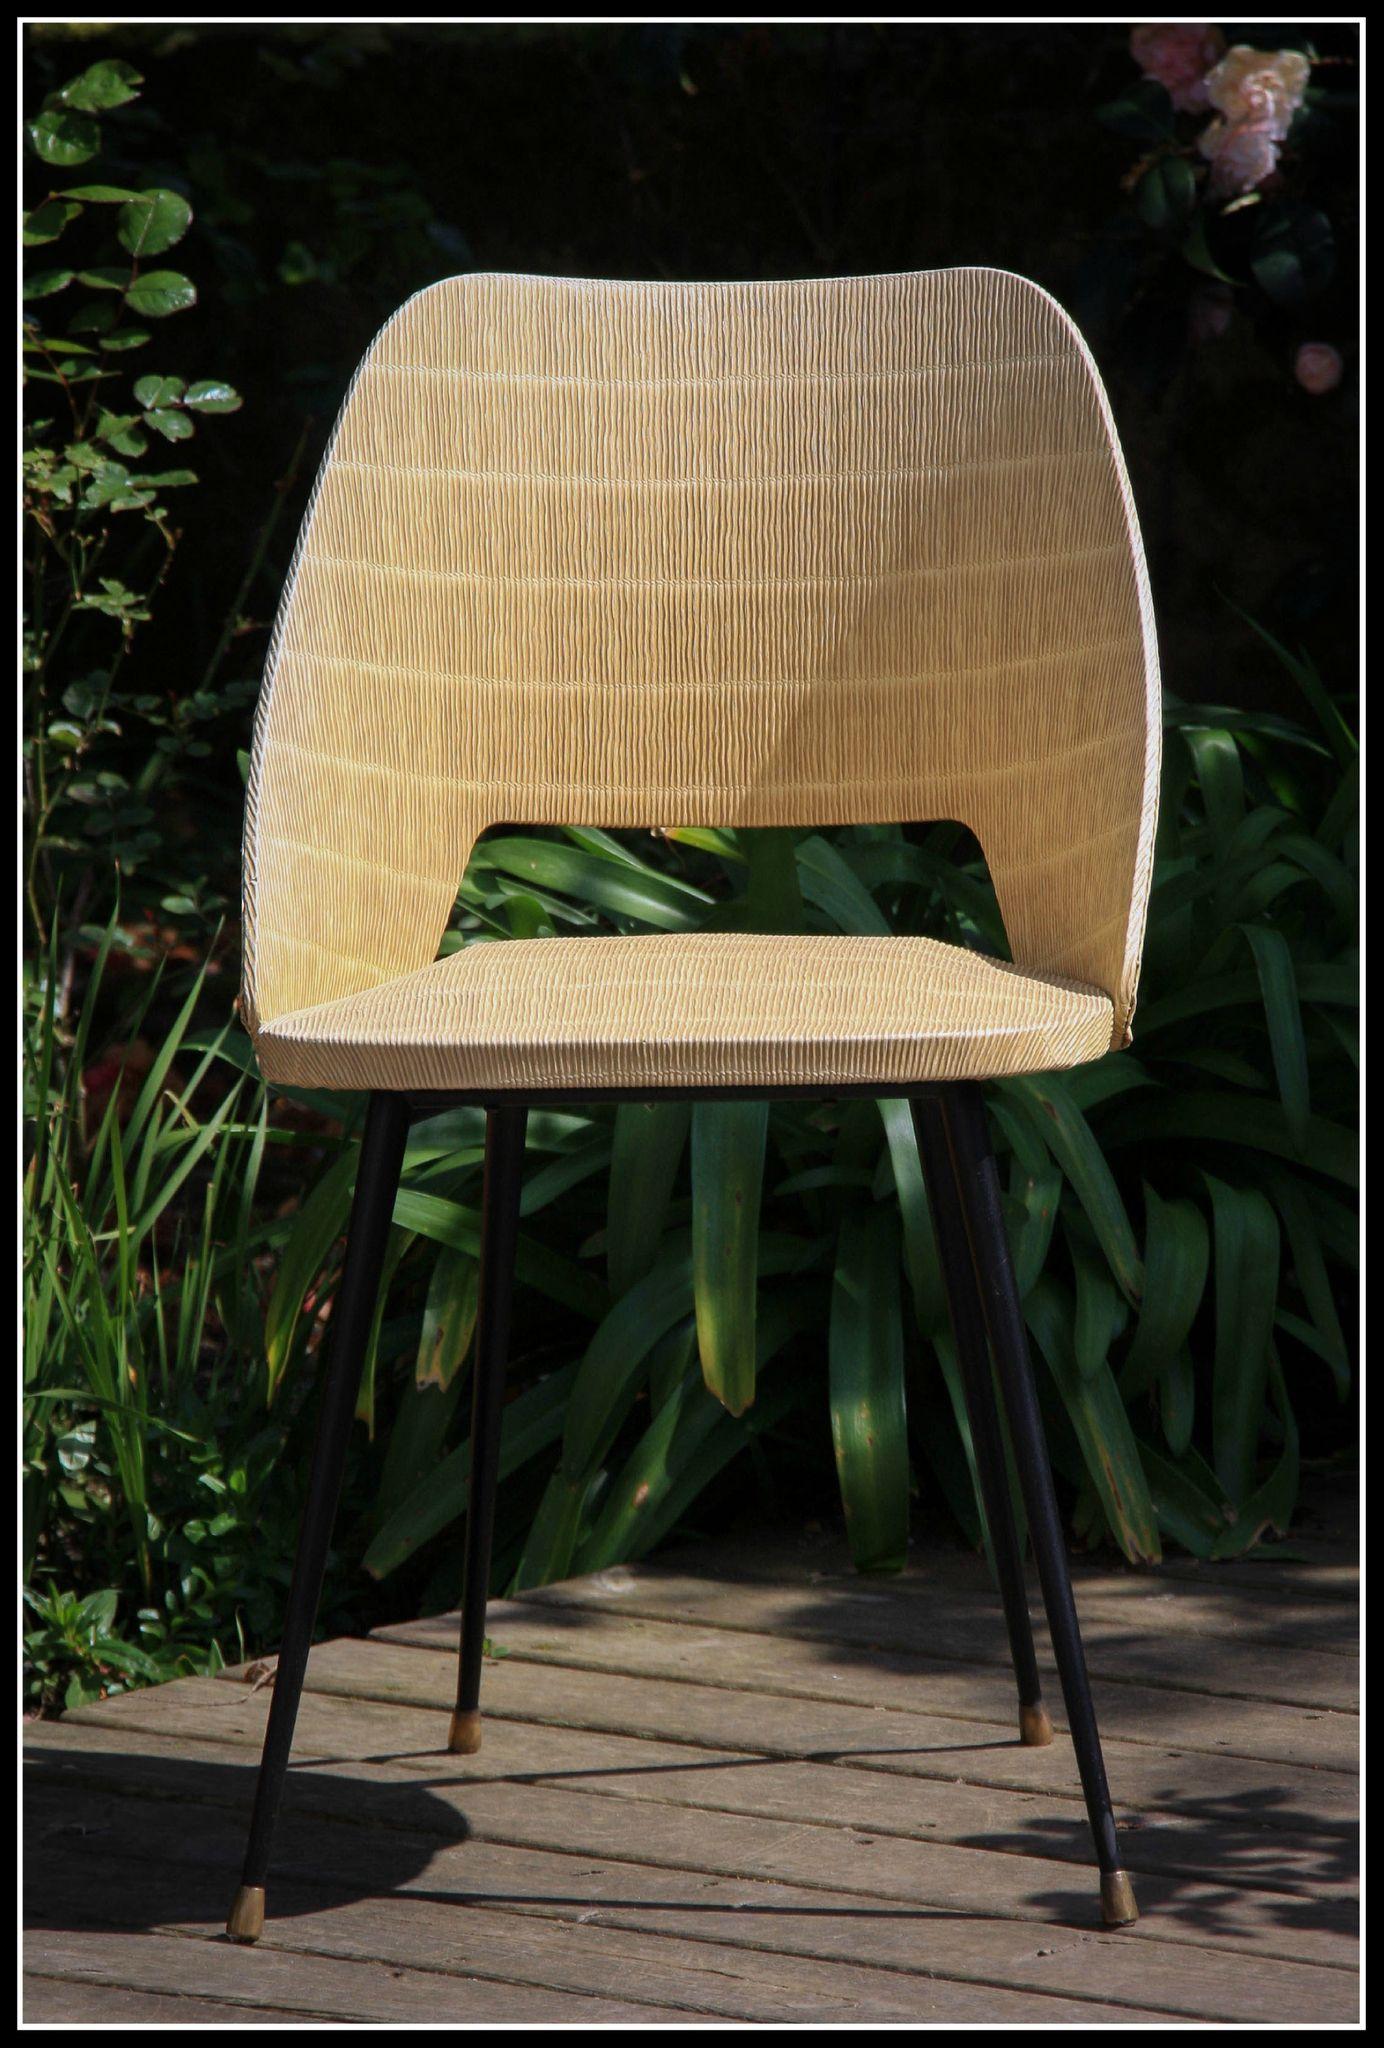 697 Chaise Vintage Photo De Fauteuils Chaises Et Tabourets Vintage Vintage 50 S 60 S 70 S 80 S Tabouret Vintage Chaise Vintage Fauteuil Vintage